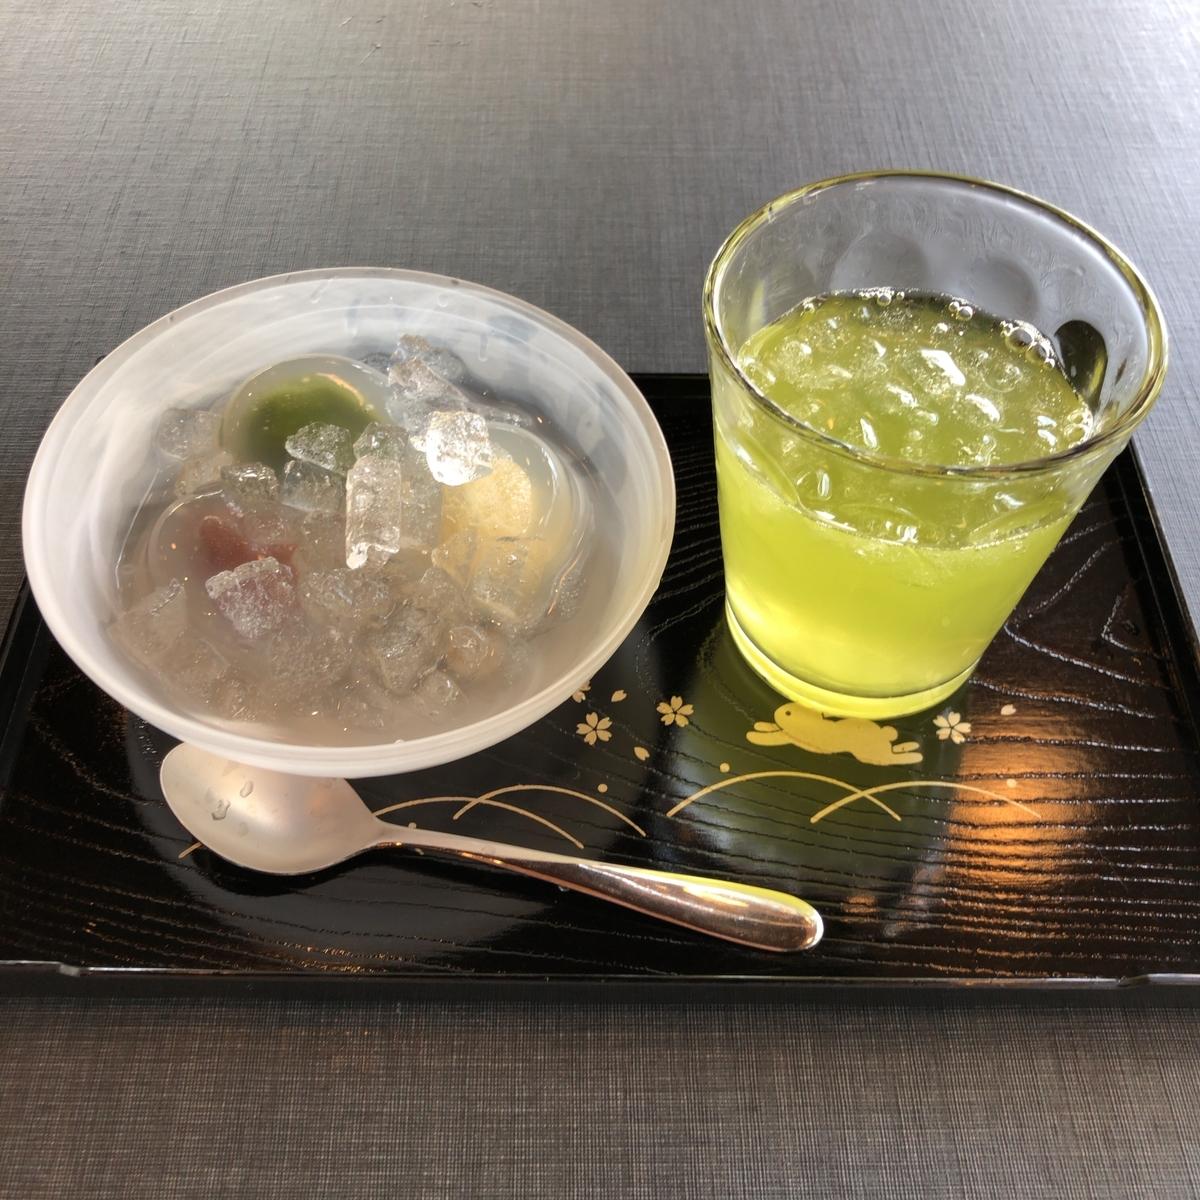 f:id:katsuyuki146:20190806142530j:plain